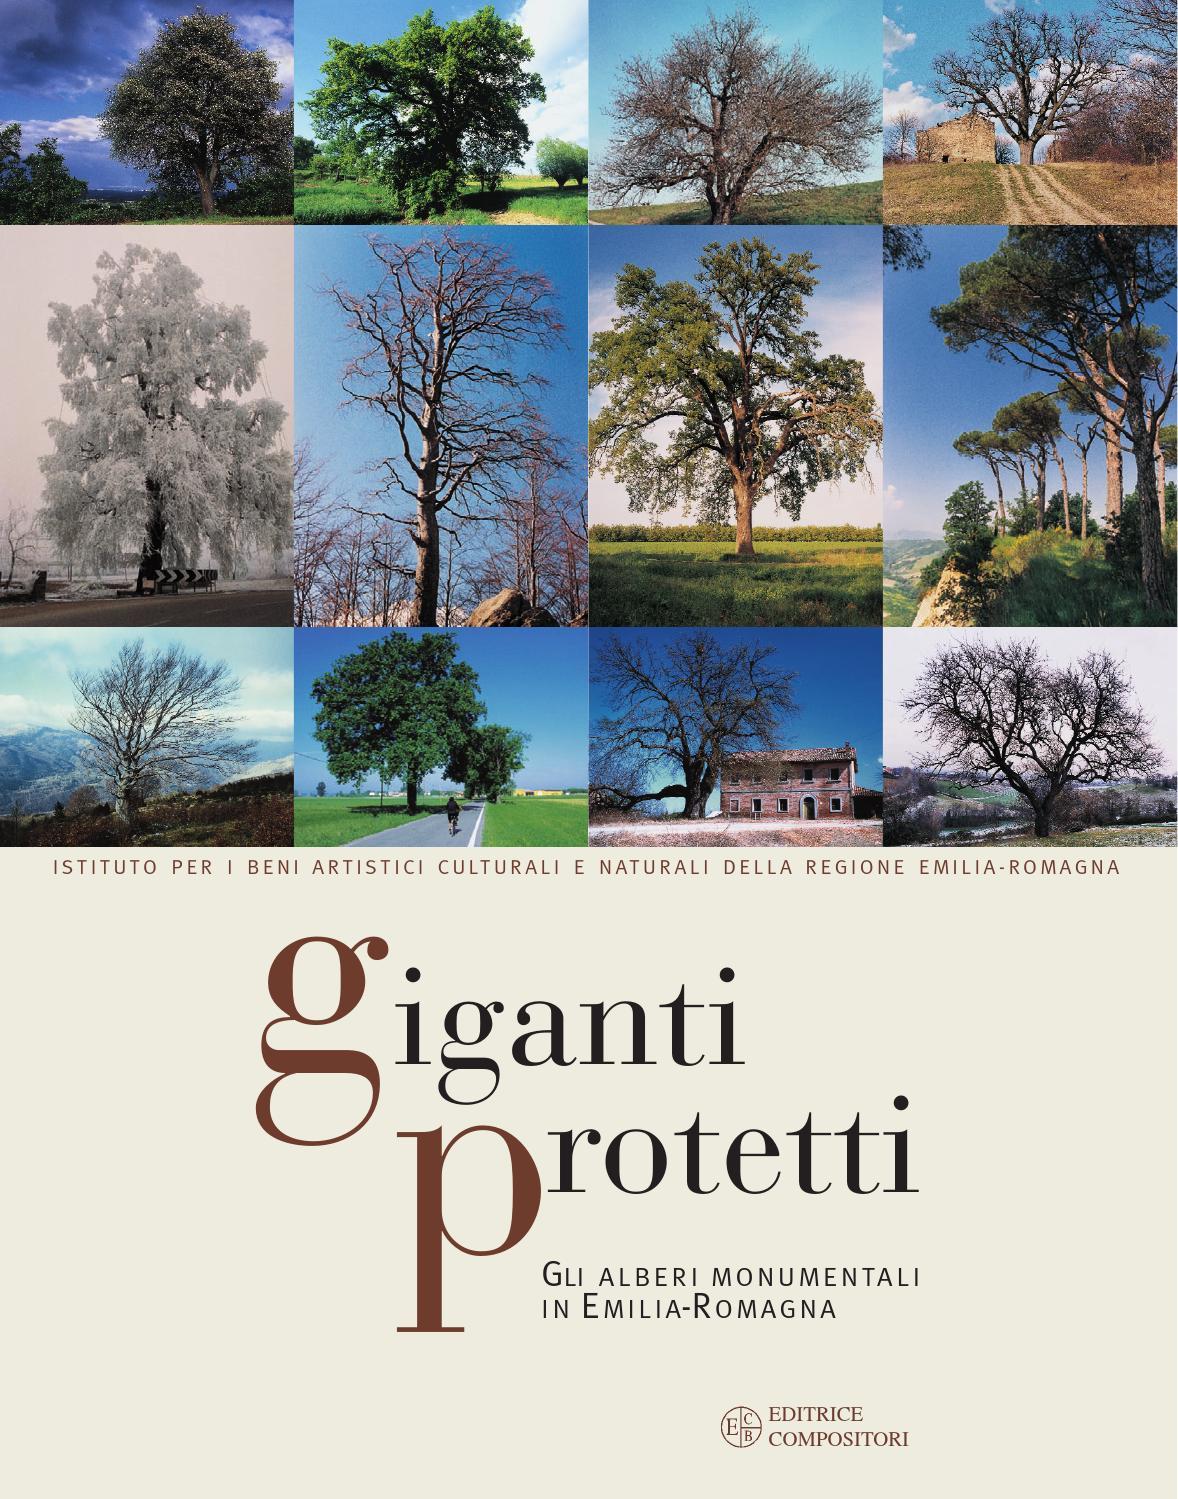 Periodo Migliore Per Potare Quercia giganti protetti. gli alberi monumentali in emilia-romagna